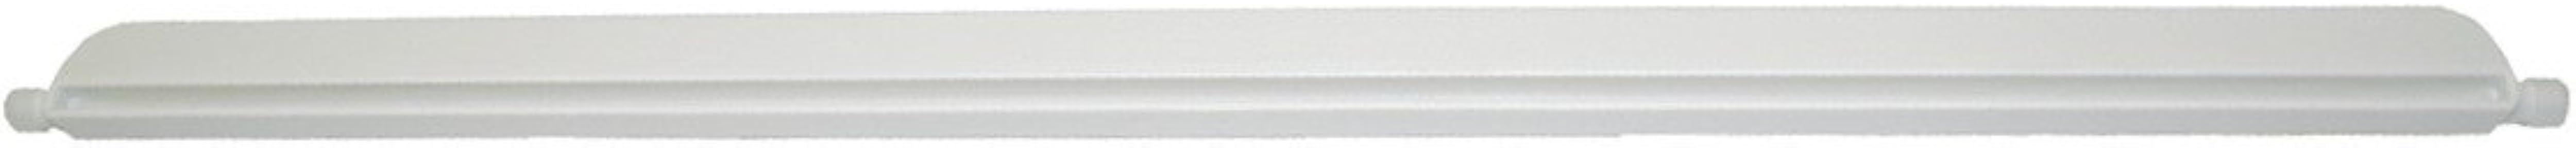 Nouveau Original réfrigérateur flaschenfach-puzzle support juridique LIEBHERR 7412665